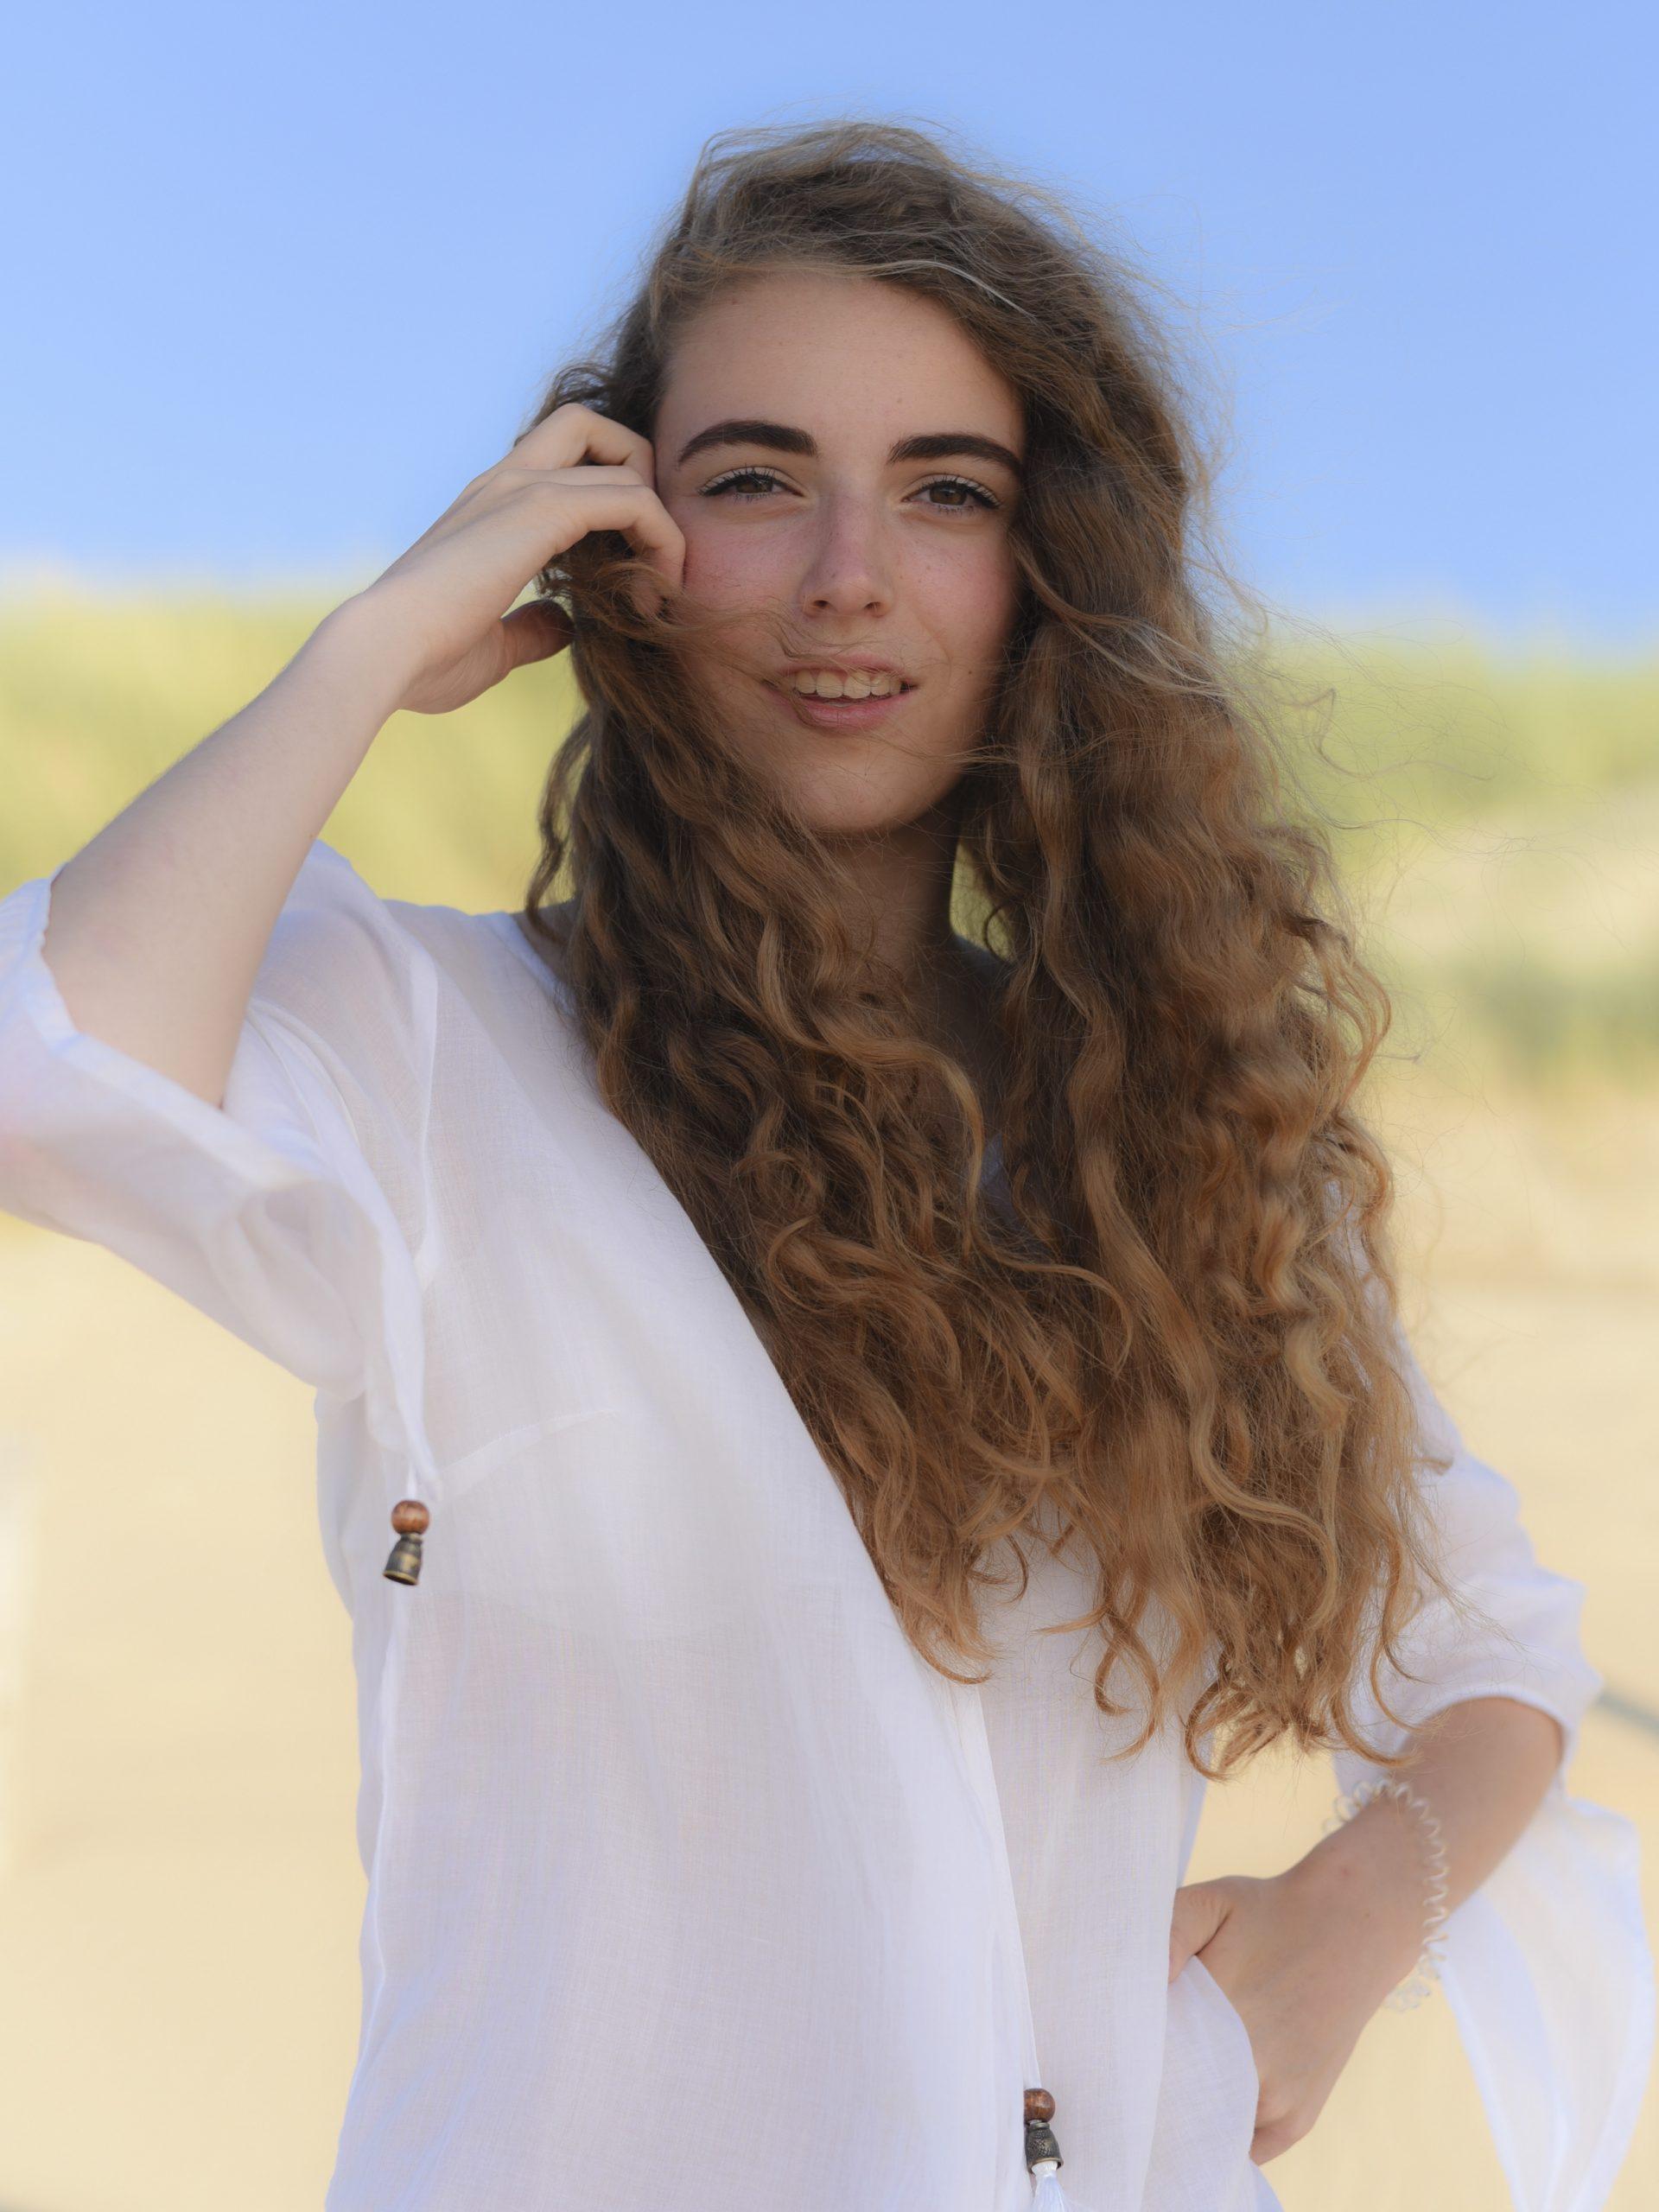 Beachgirl-5